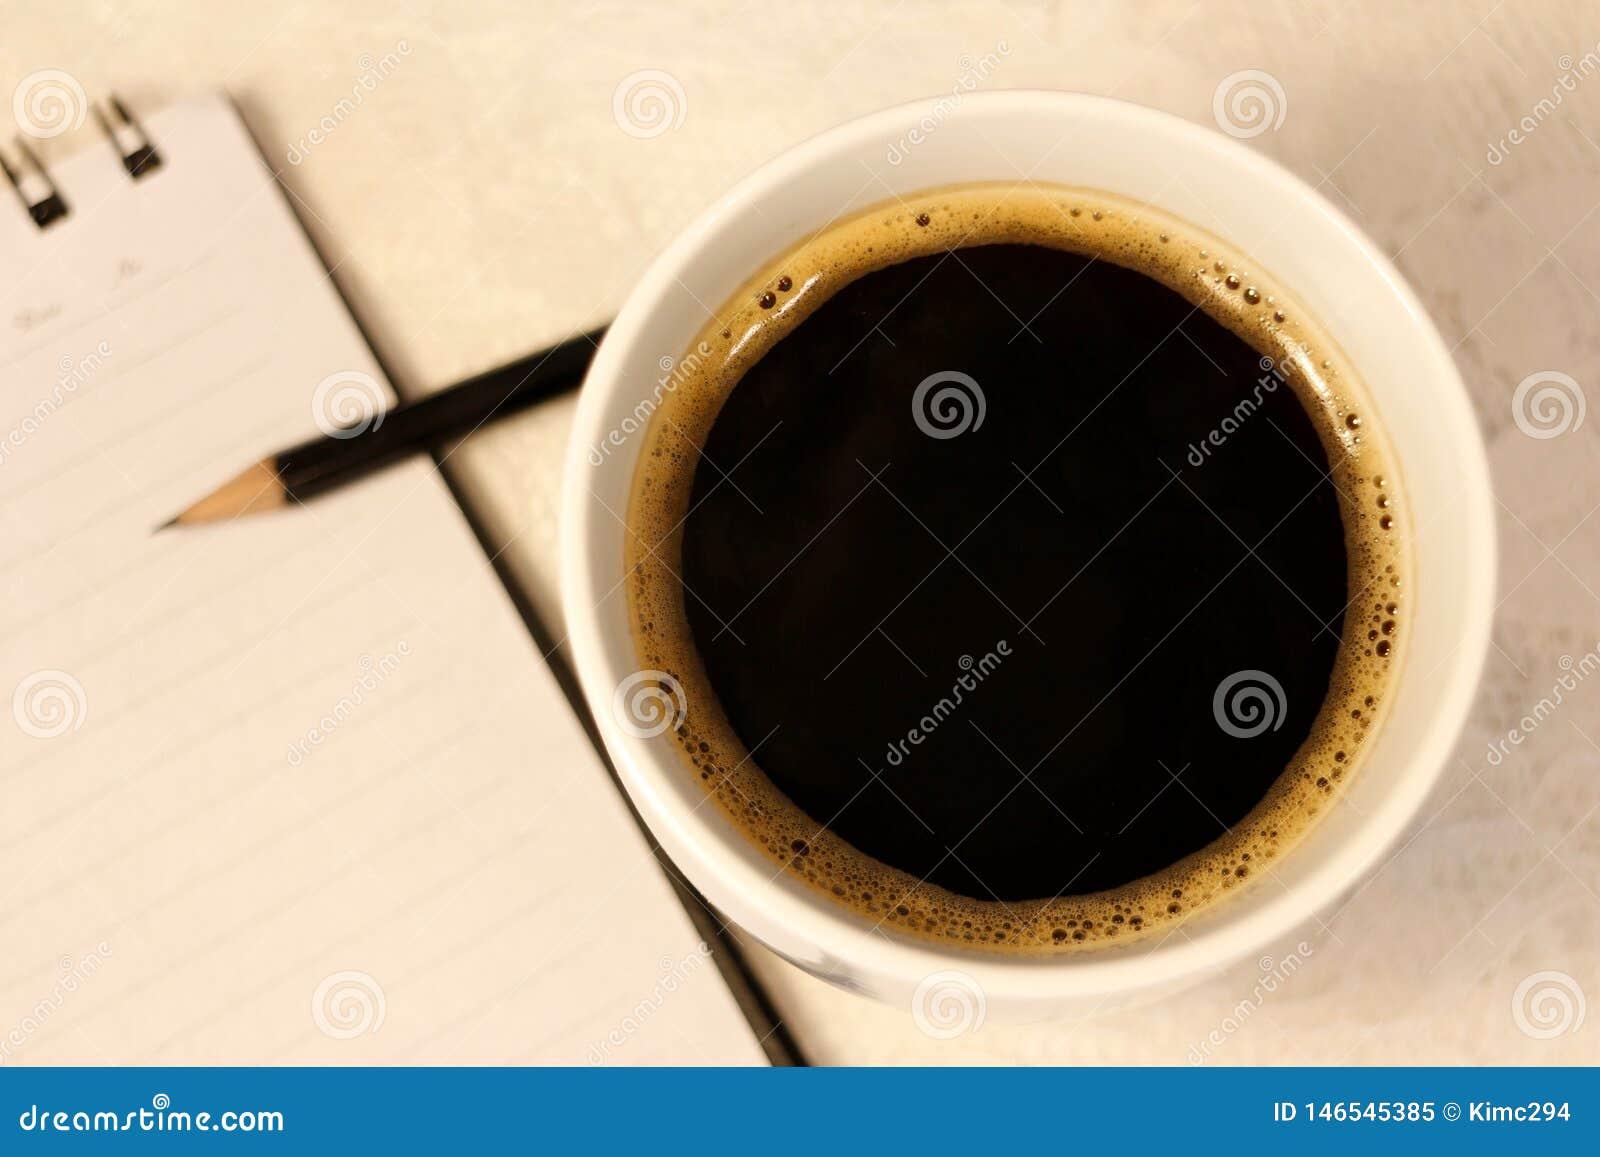 Μια μαύρη καυτή σπόλα του καφέ στέκεται δίπλα σε ένα σημειωματάριο με μια μάνδρα